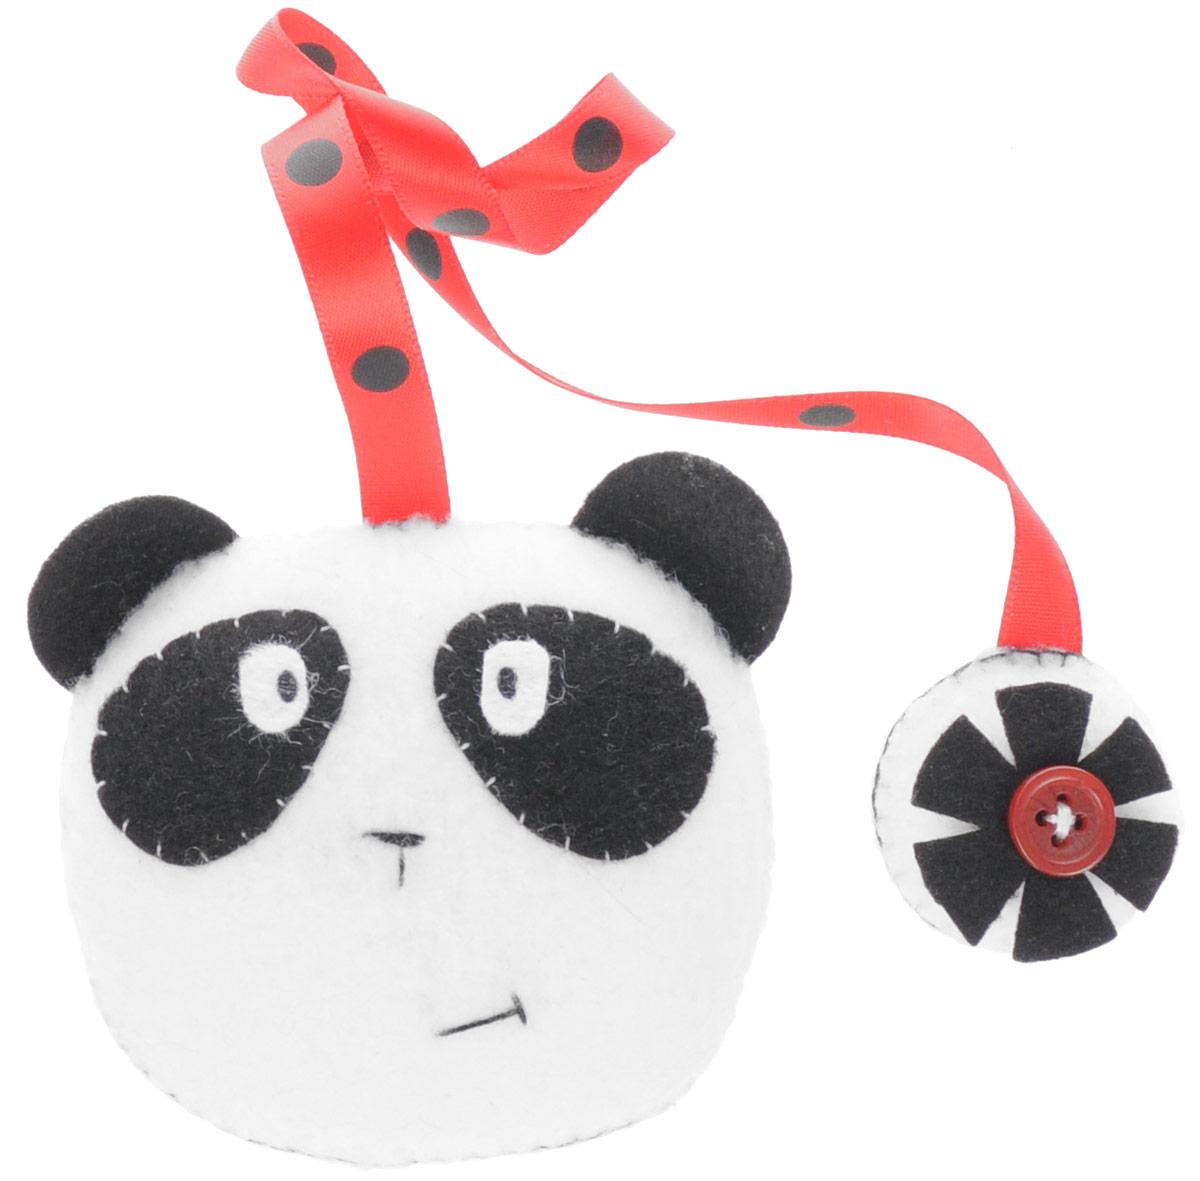 Закладка книжная Панда, 6,5 см х 7 см. Ручная работа. Автор Леся КелбаВАН_KELBA_8Kelba - это творческая мастерская кукол и игрушек. Игрушка-закладка выполнена из текстиля в виде панды.